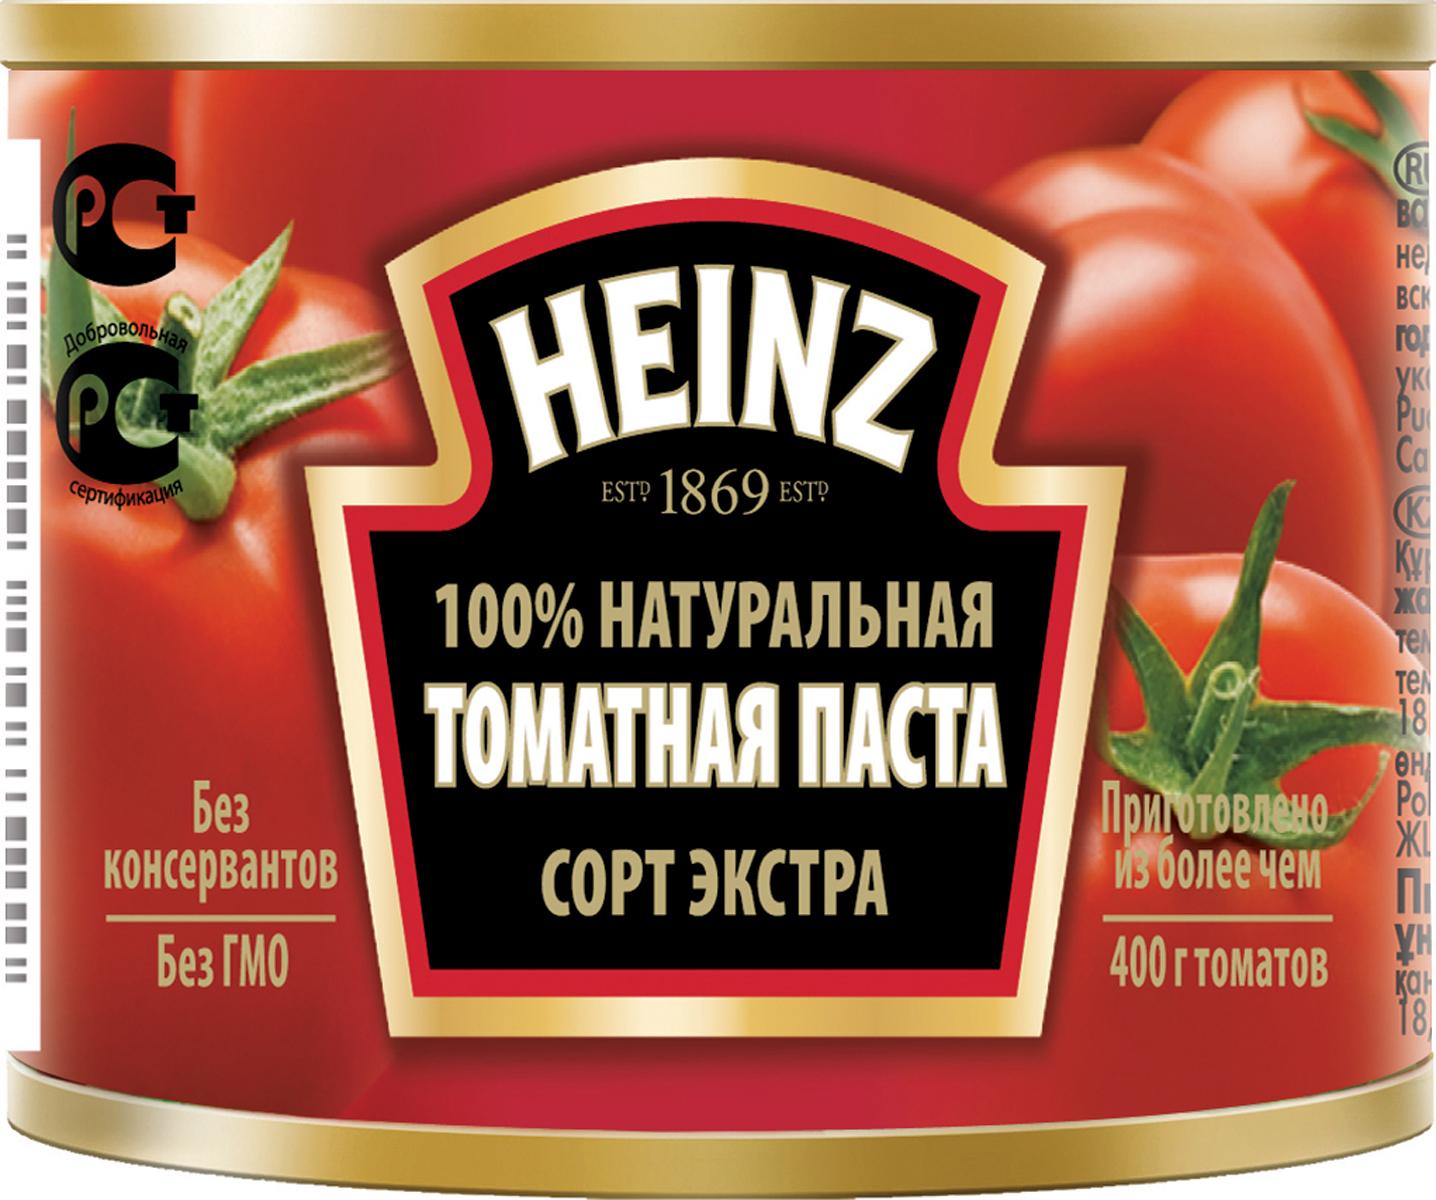 Heinz томатная паста, 70 г74000386Томатная паста Heinz сорта экстра изготовлена только из спелых помидоров, выращенных с особой заботой и любовью. Именно благодаря пристальному контролю специалистов она отвечает высочайшим стандартам качества. Паста обладает таким насыщенным вкусом, что даже небольшое ее количество сделает вкус ваших любимых блюд глубоким и изысканным.